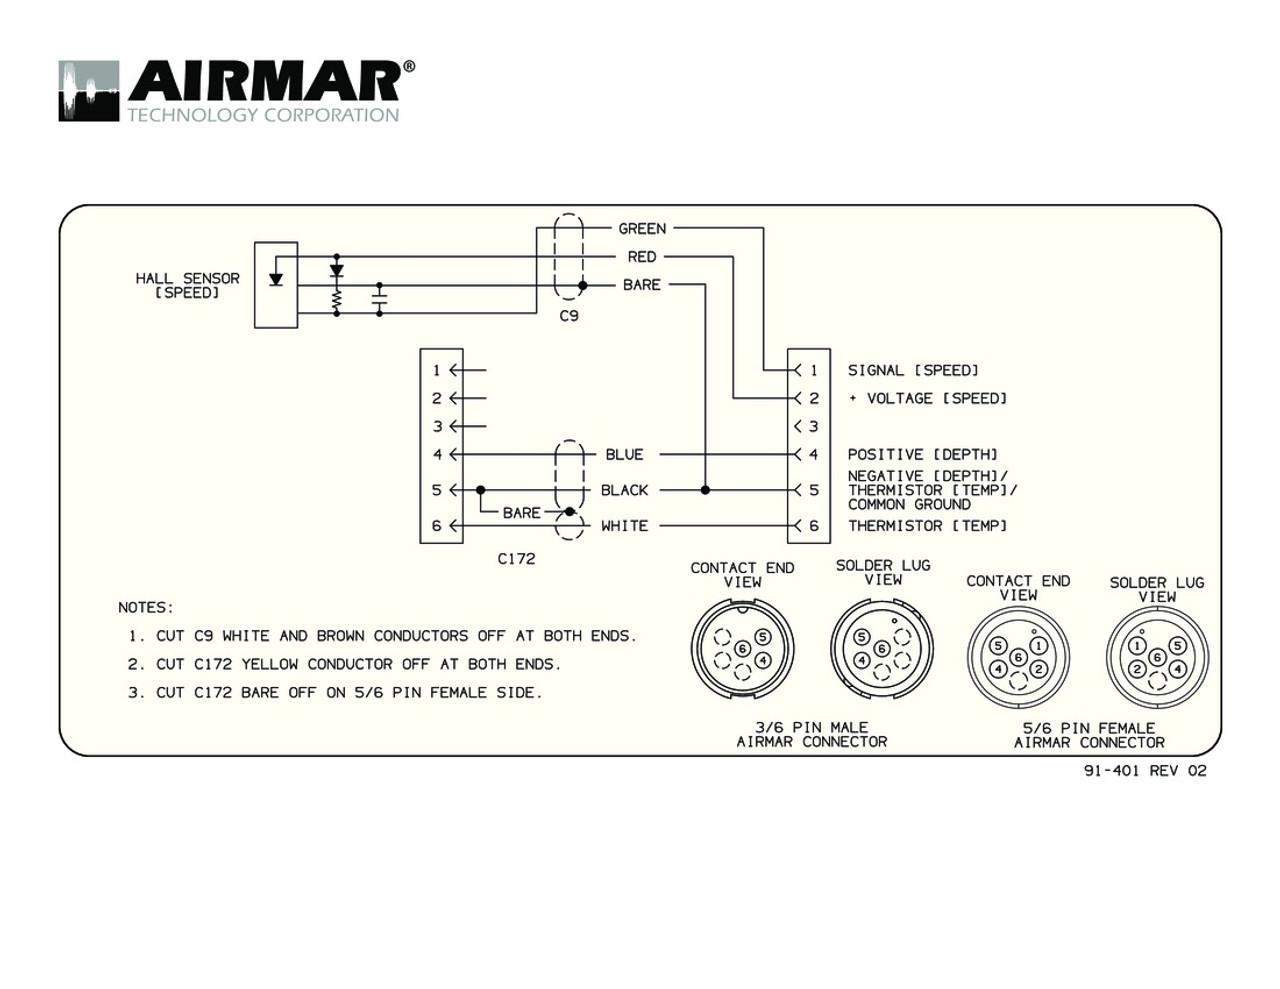 airmar wiring diagram garmin 6 pin s blue bottle marine transducer wiring diagram transducer wiring diagram [ 1100 x 850 Pixel ]